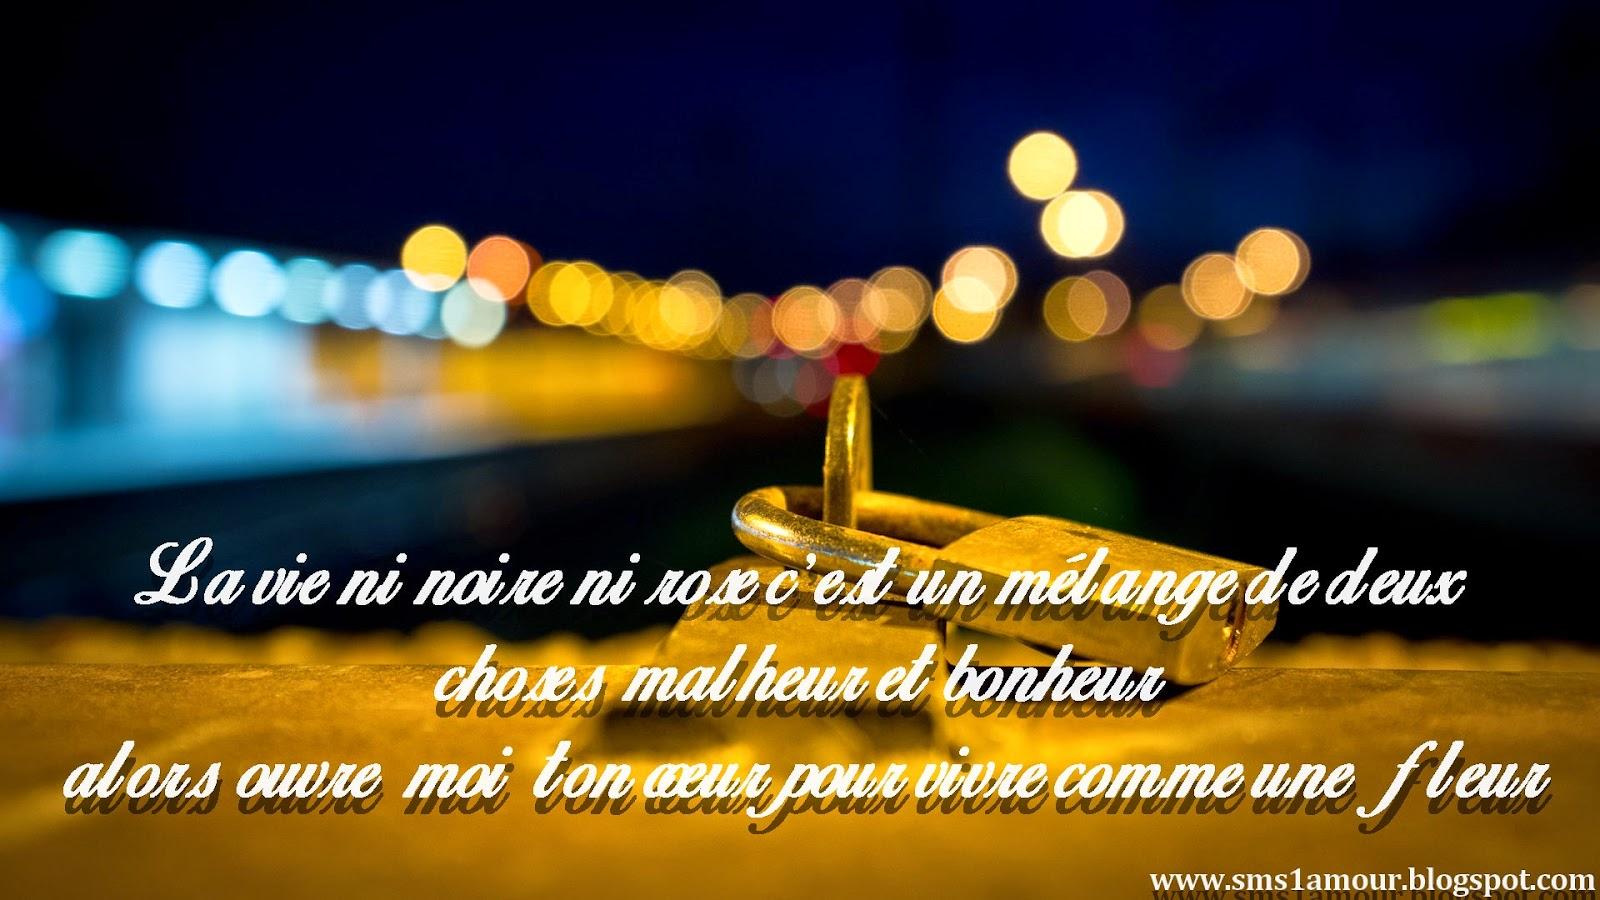 Souvent SMS bonne nuit ~ message d'amour : Messages et SMS d'amour AW77